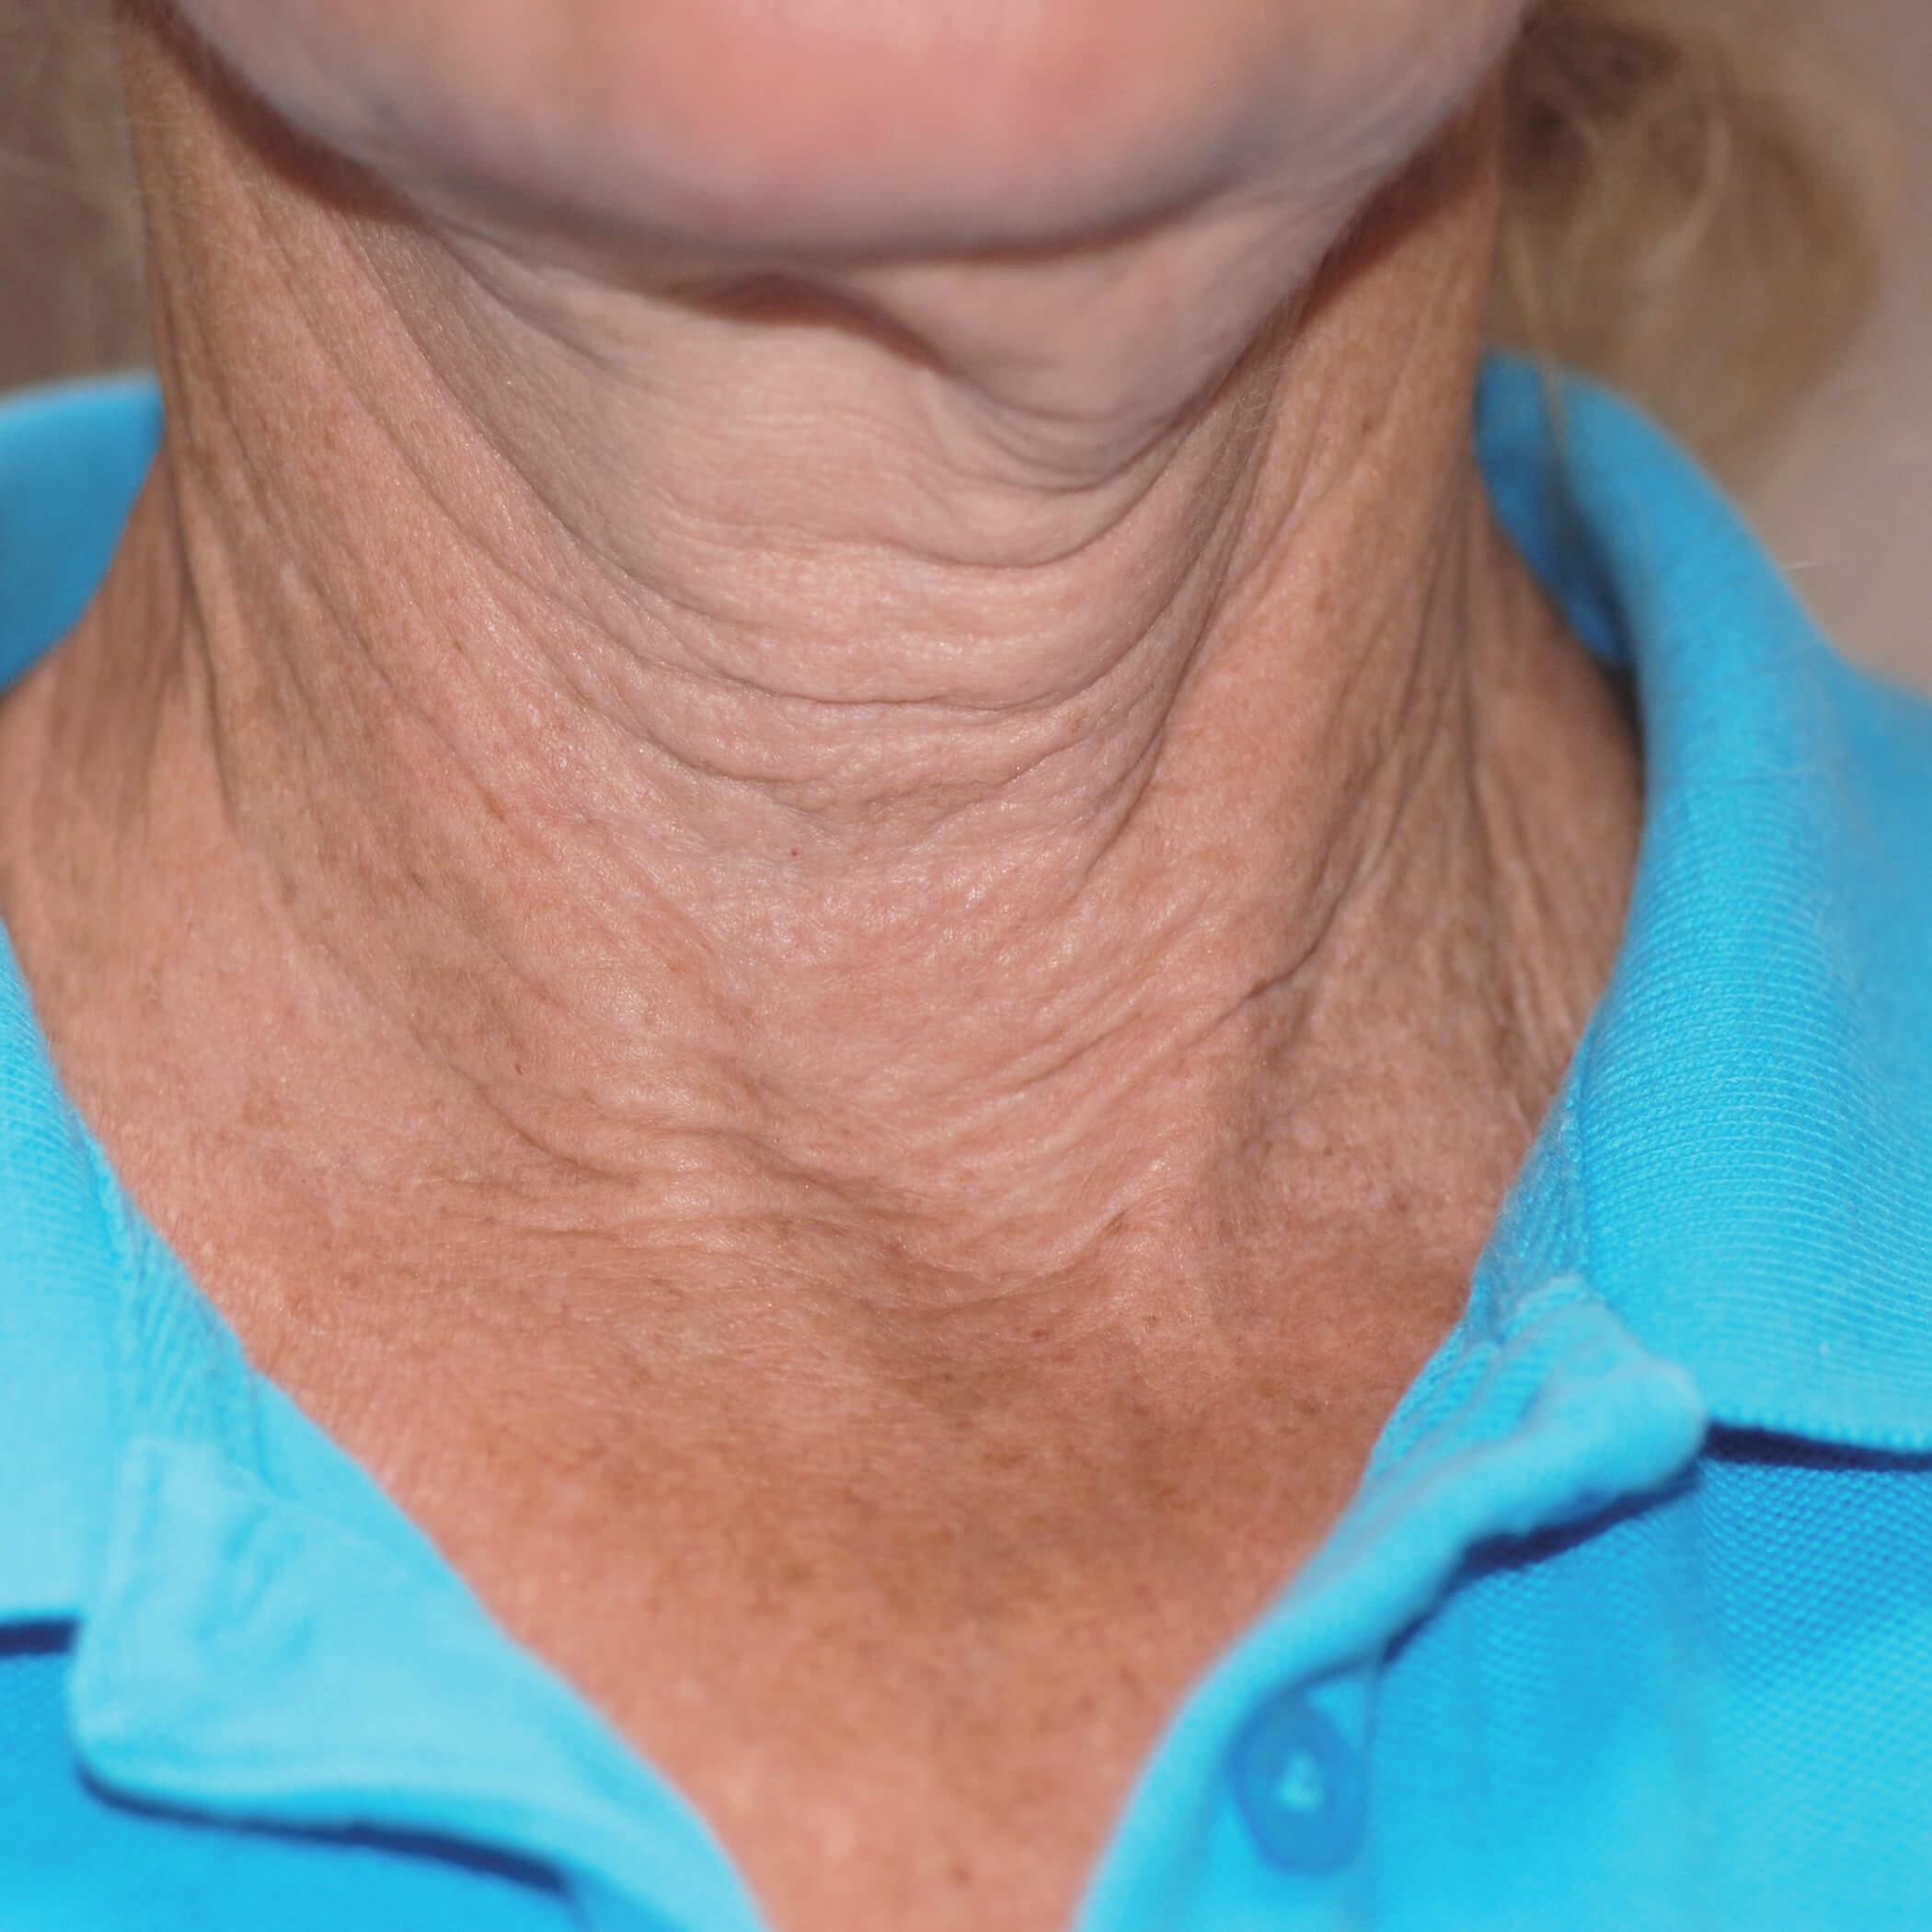 exilis facial skin tightening before